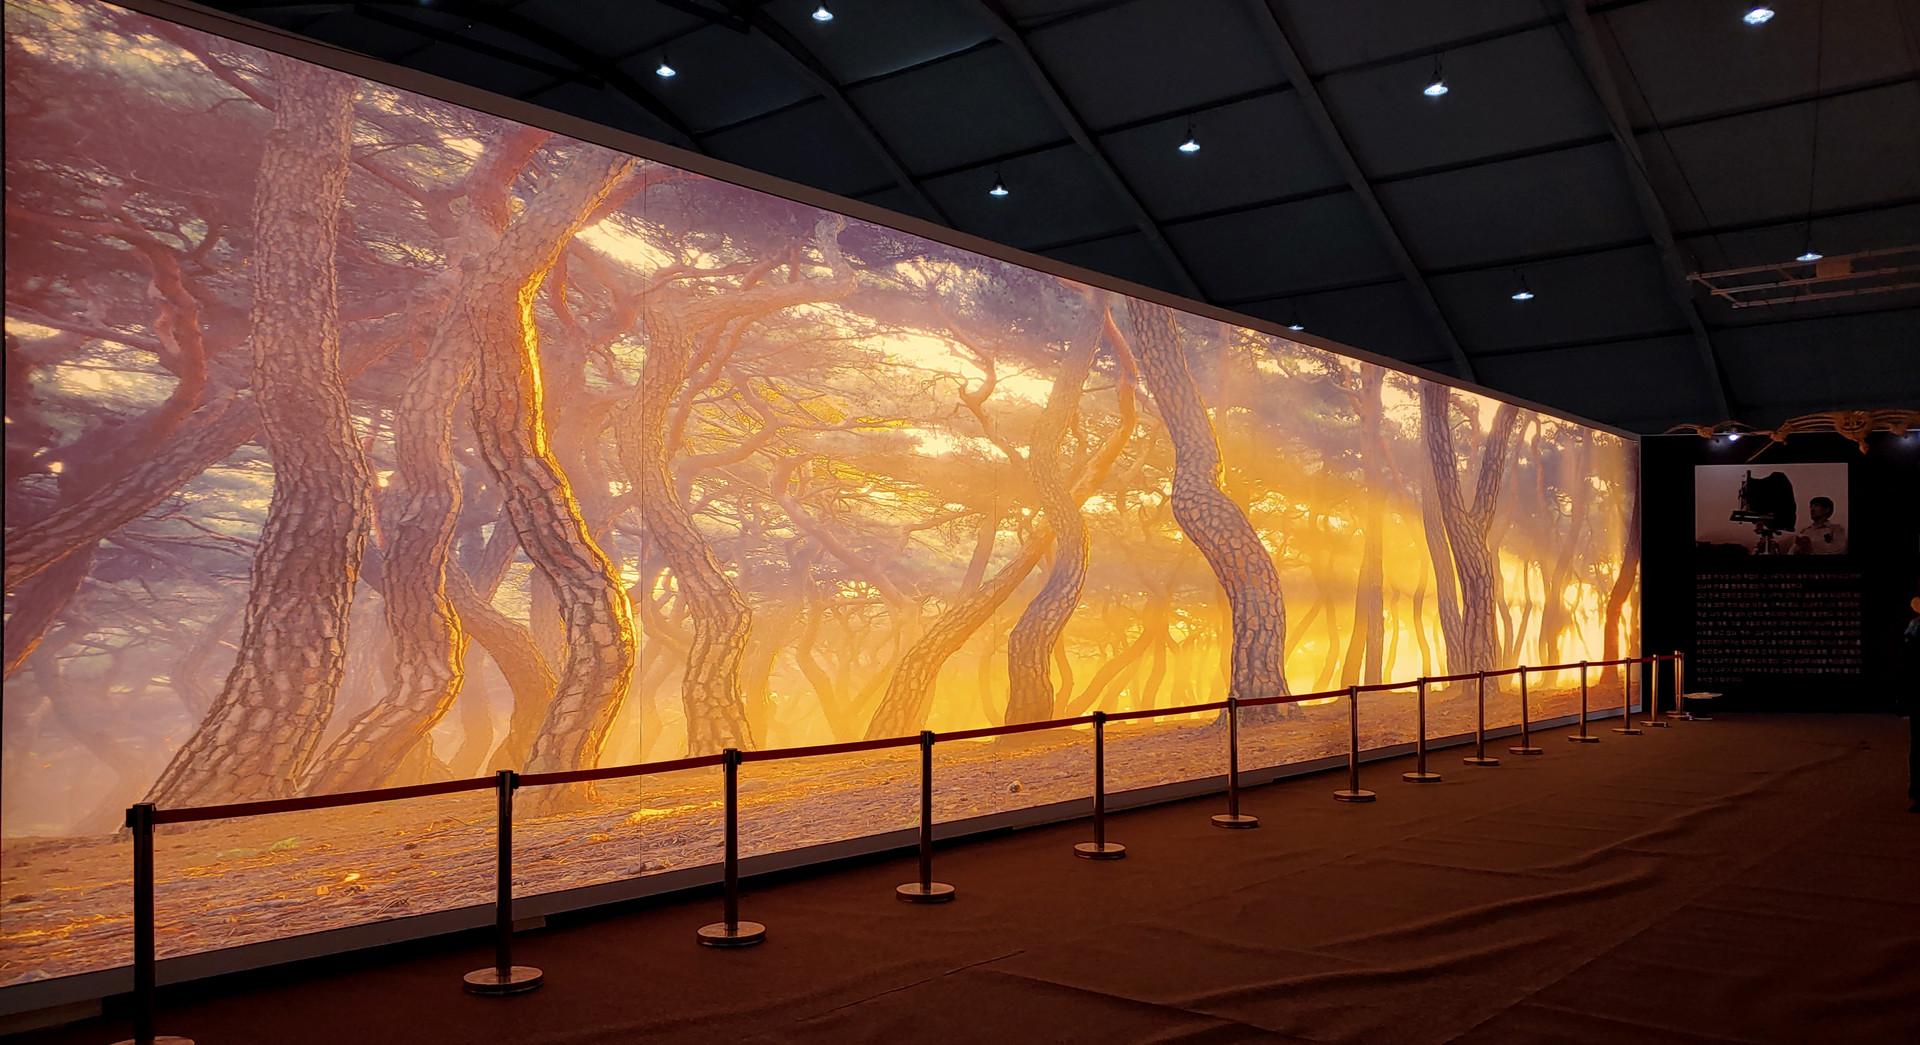 정령들의 숲 2019, 21mx4m, Light Wall, 2019 대한민국 산림문화박람회